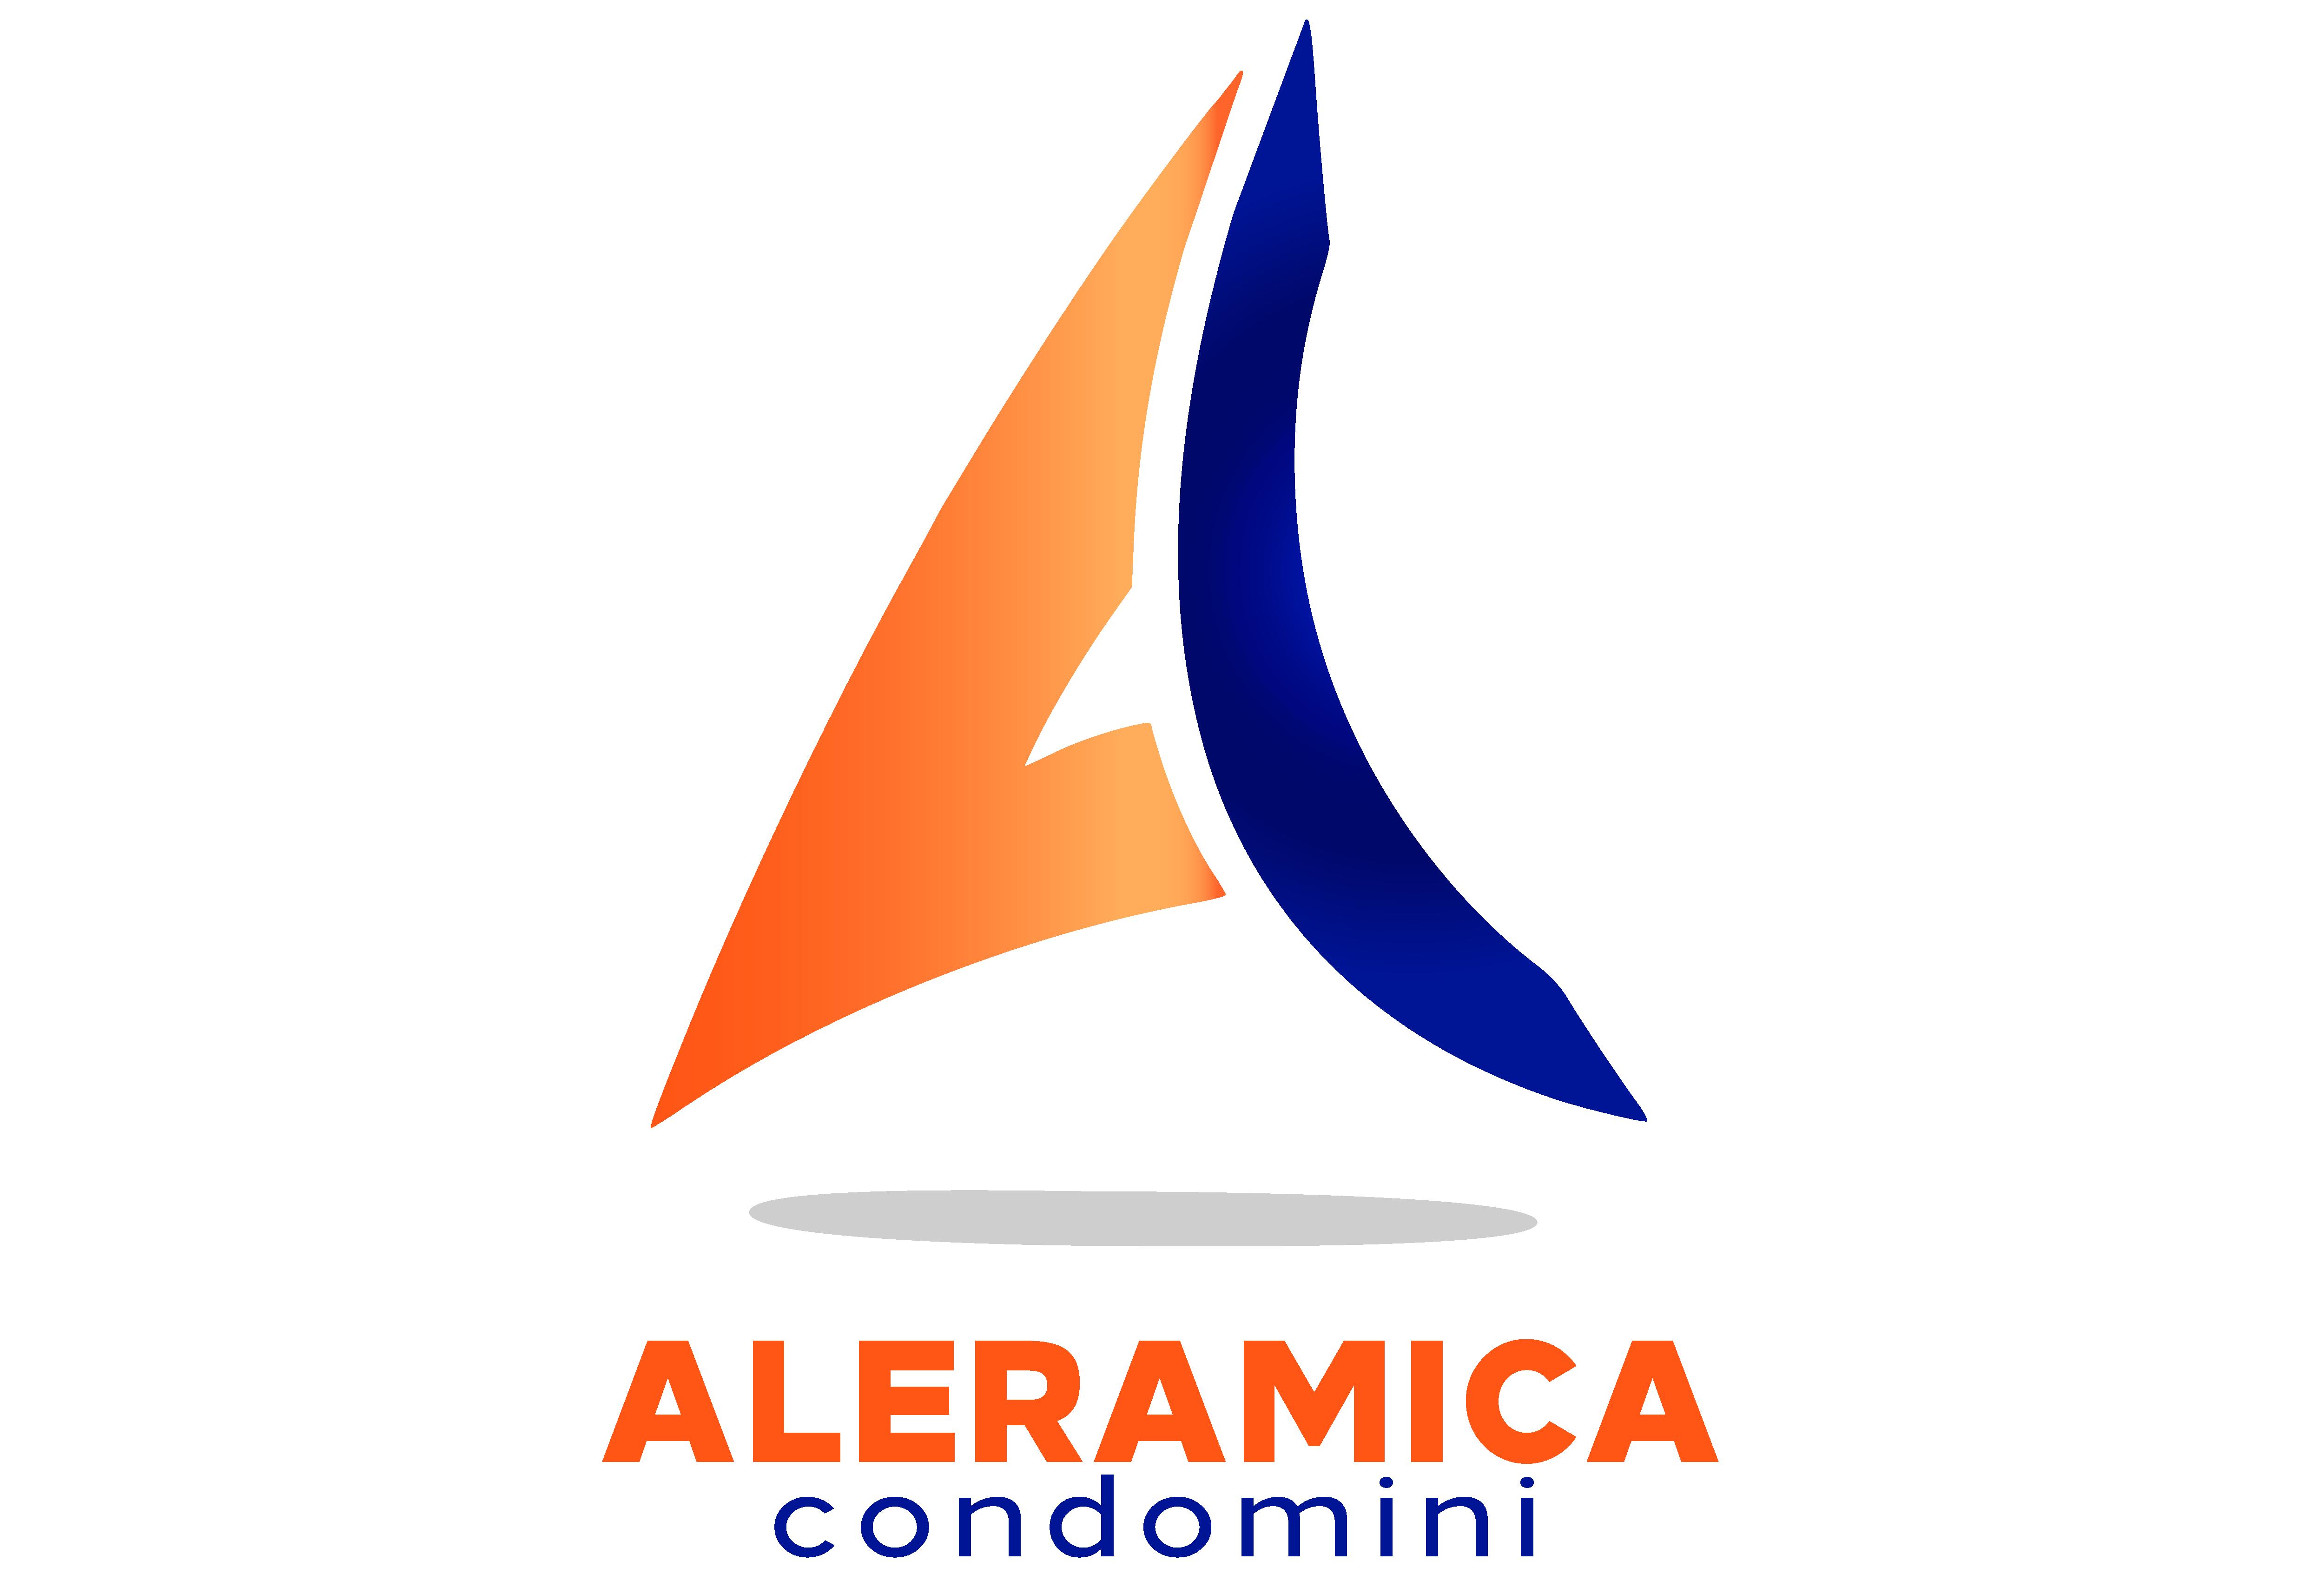 Aleramica Condomini